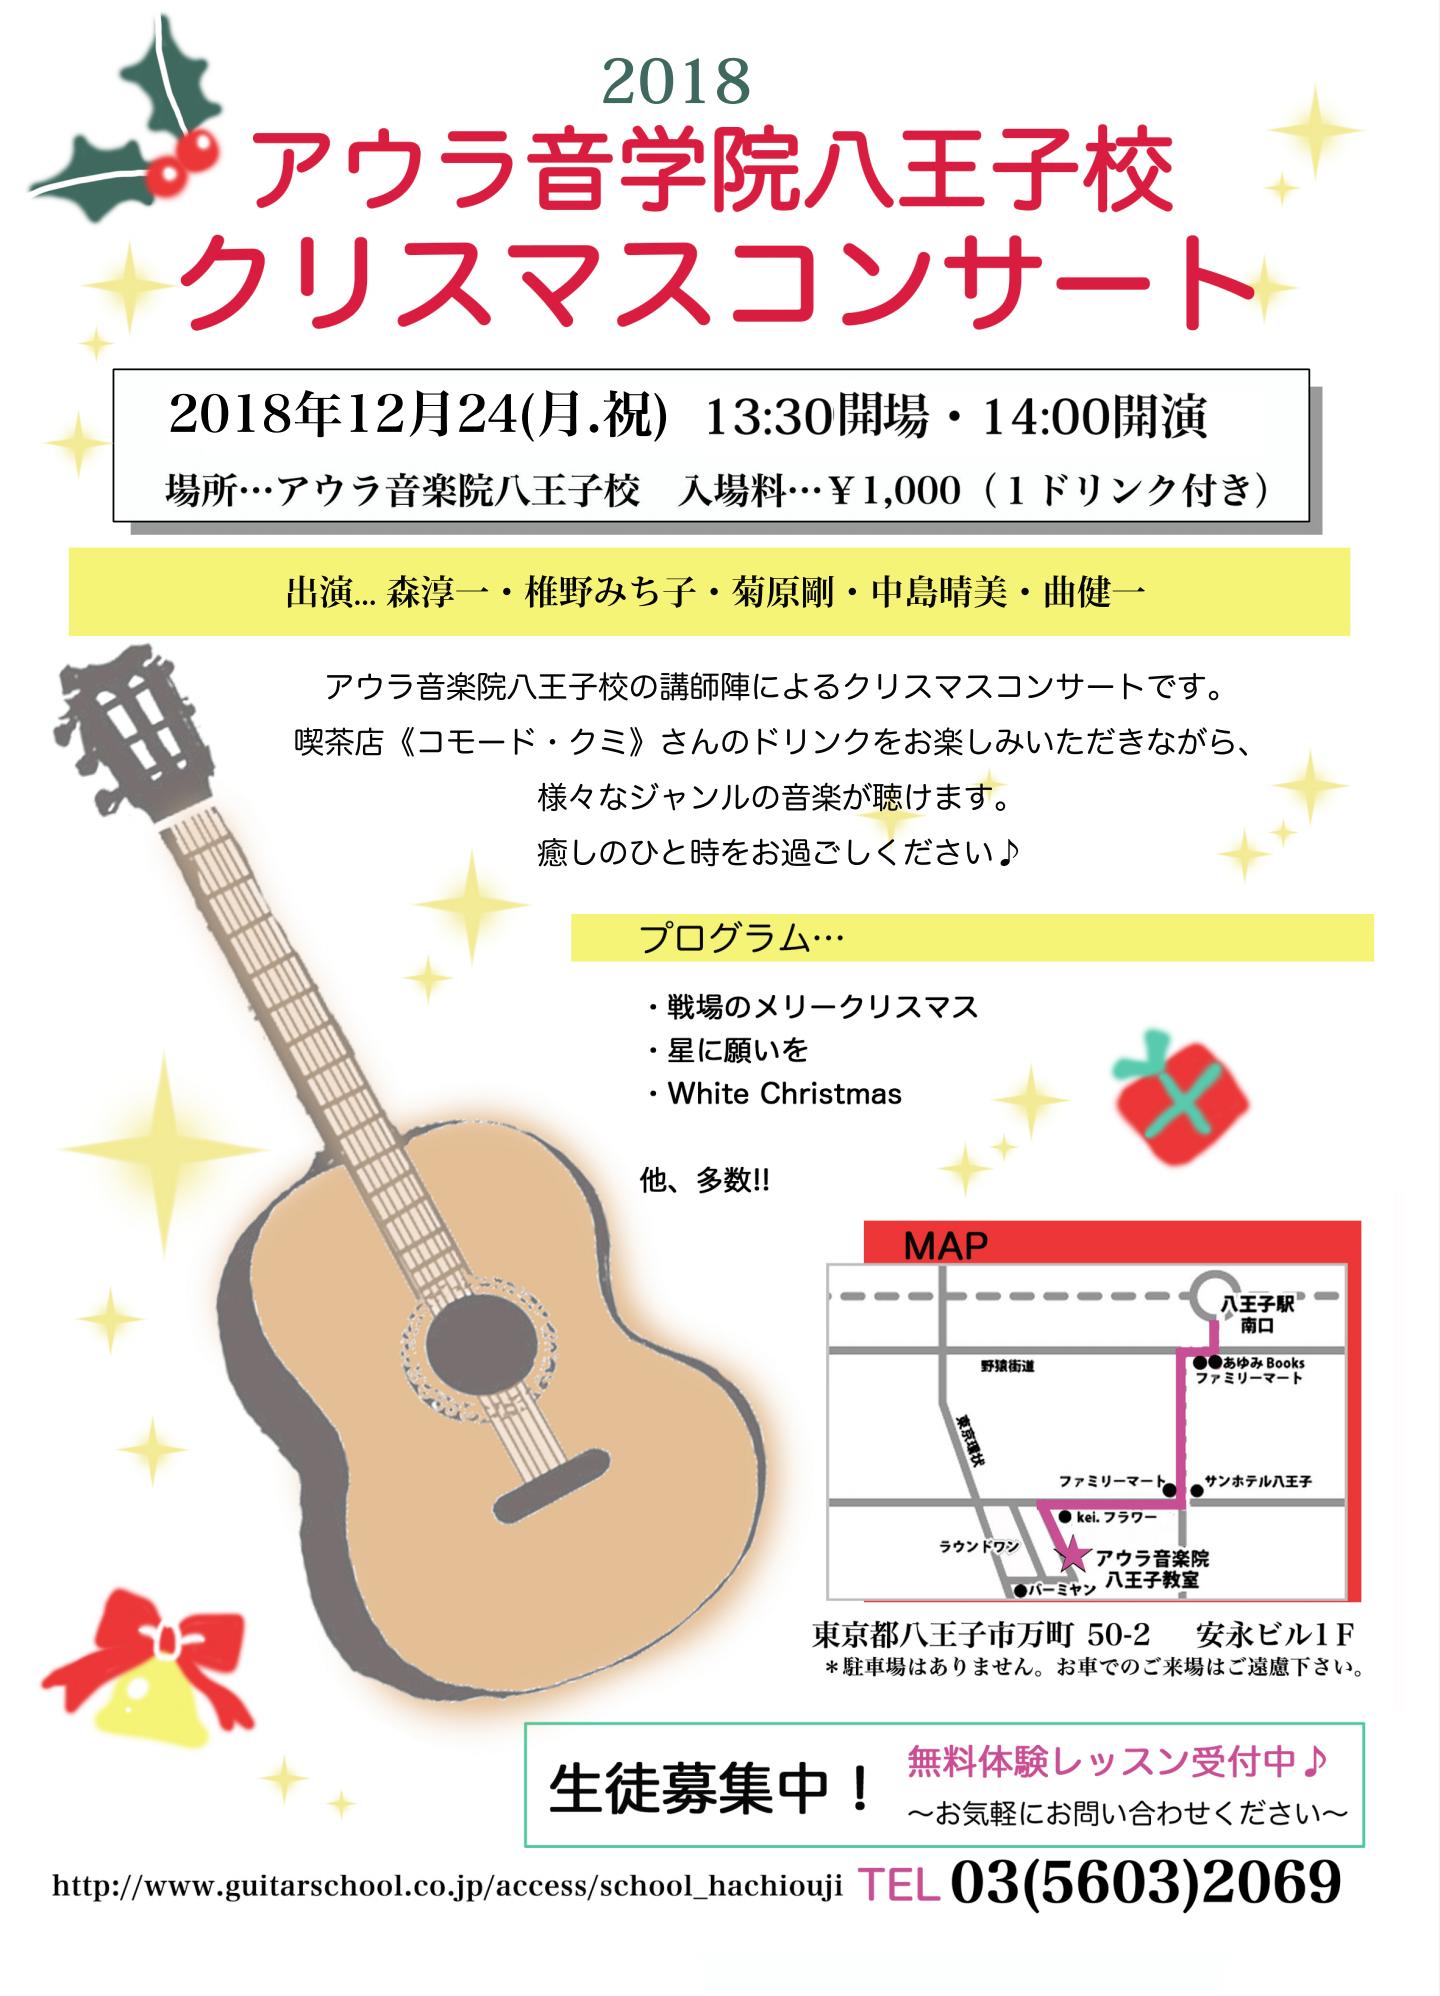 アウラ音楽院八王子教室「2018クリスマスコンサート」2018年12月24日(月祝)